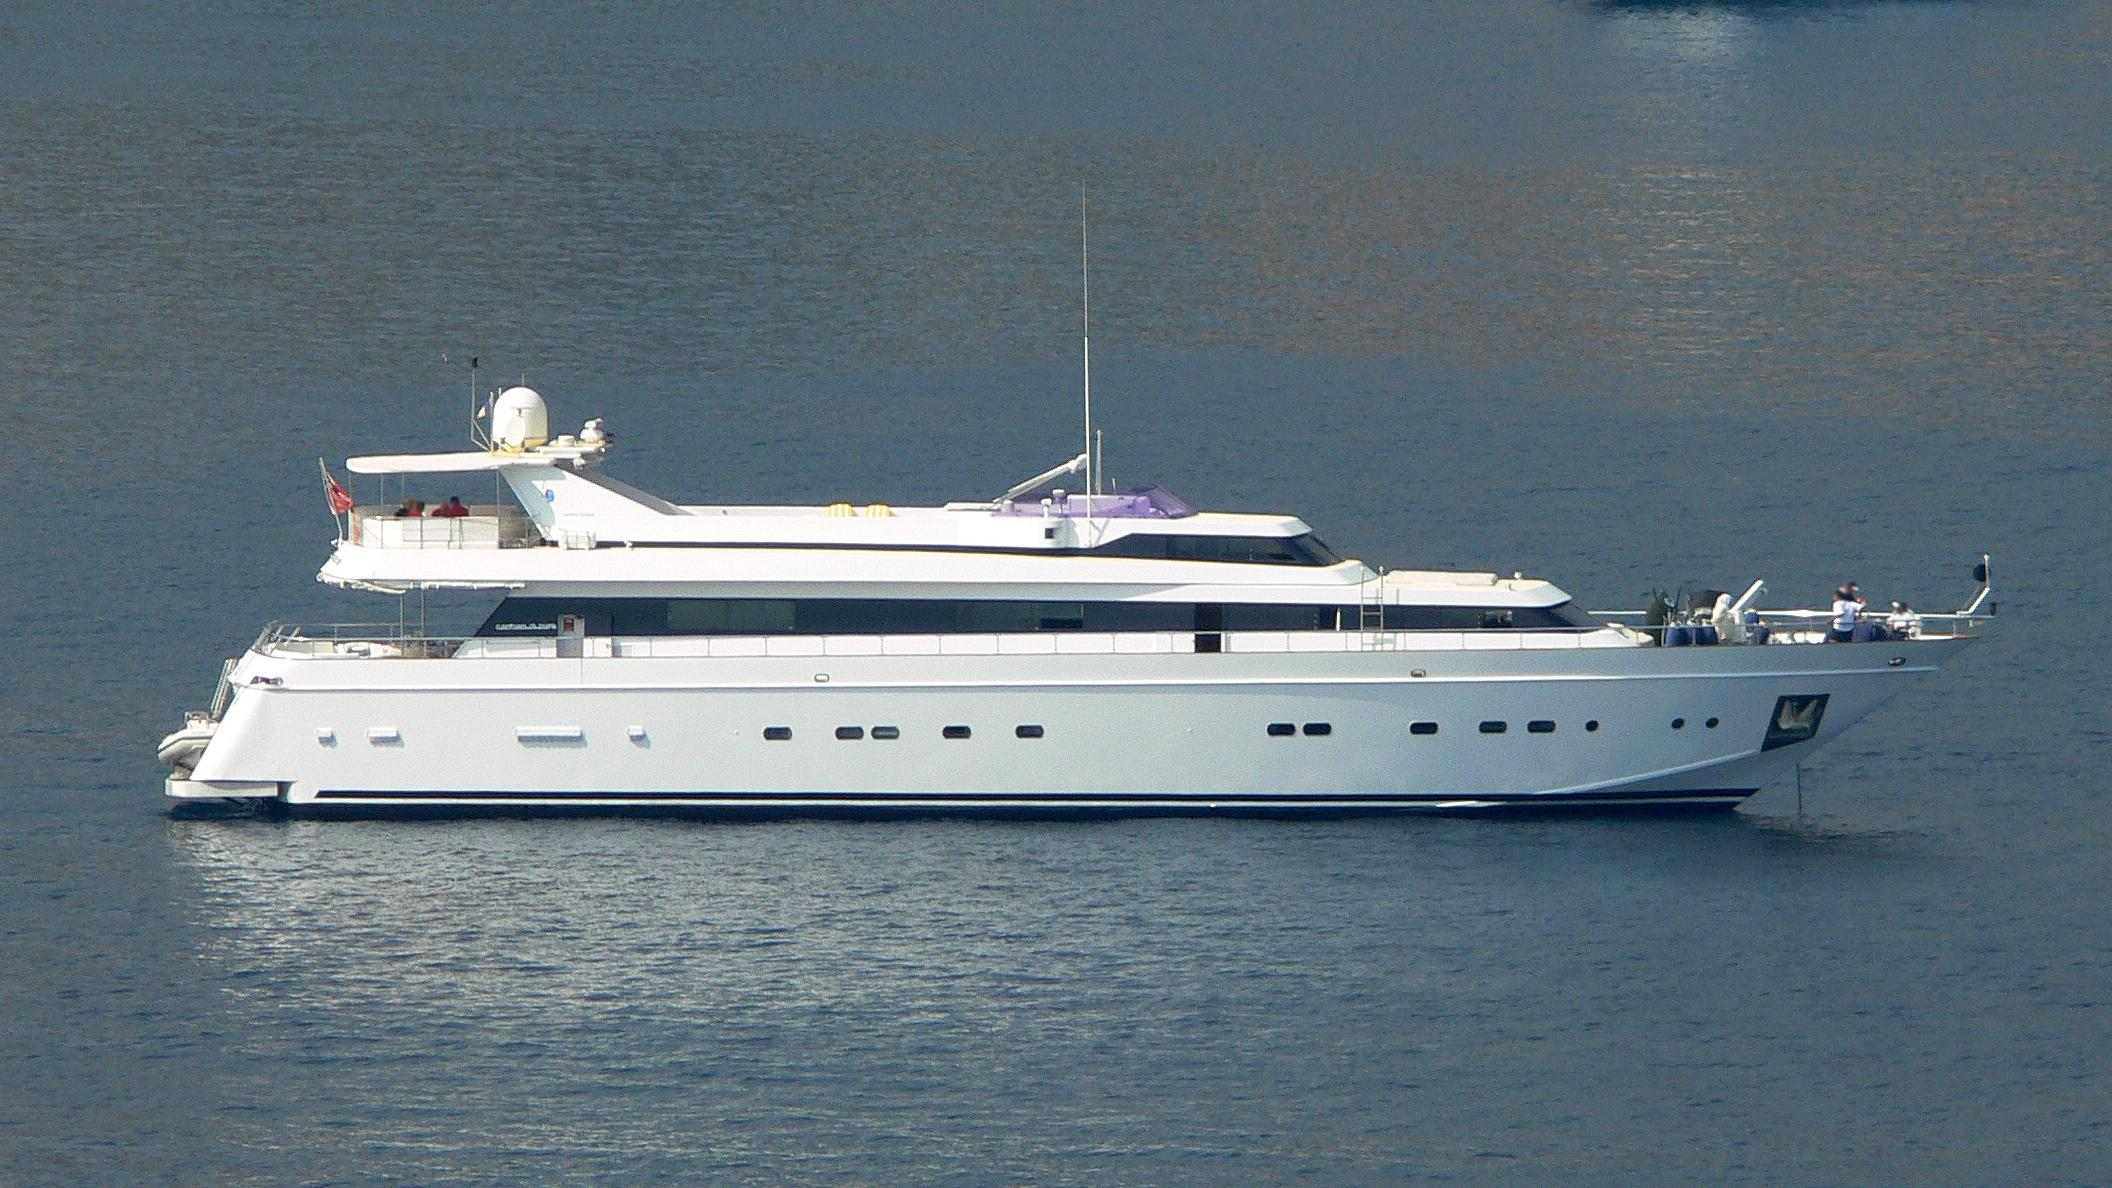 samoras-dandy-motor-yacht-cantieri-di-pisa-akhir-32-1988-33m-profile